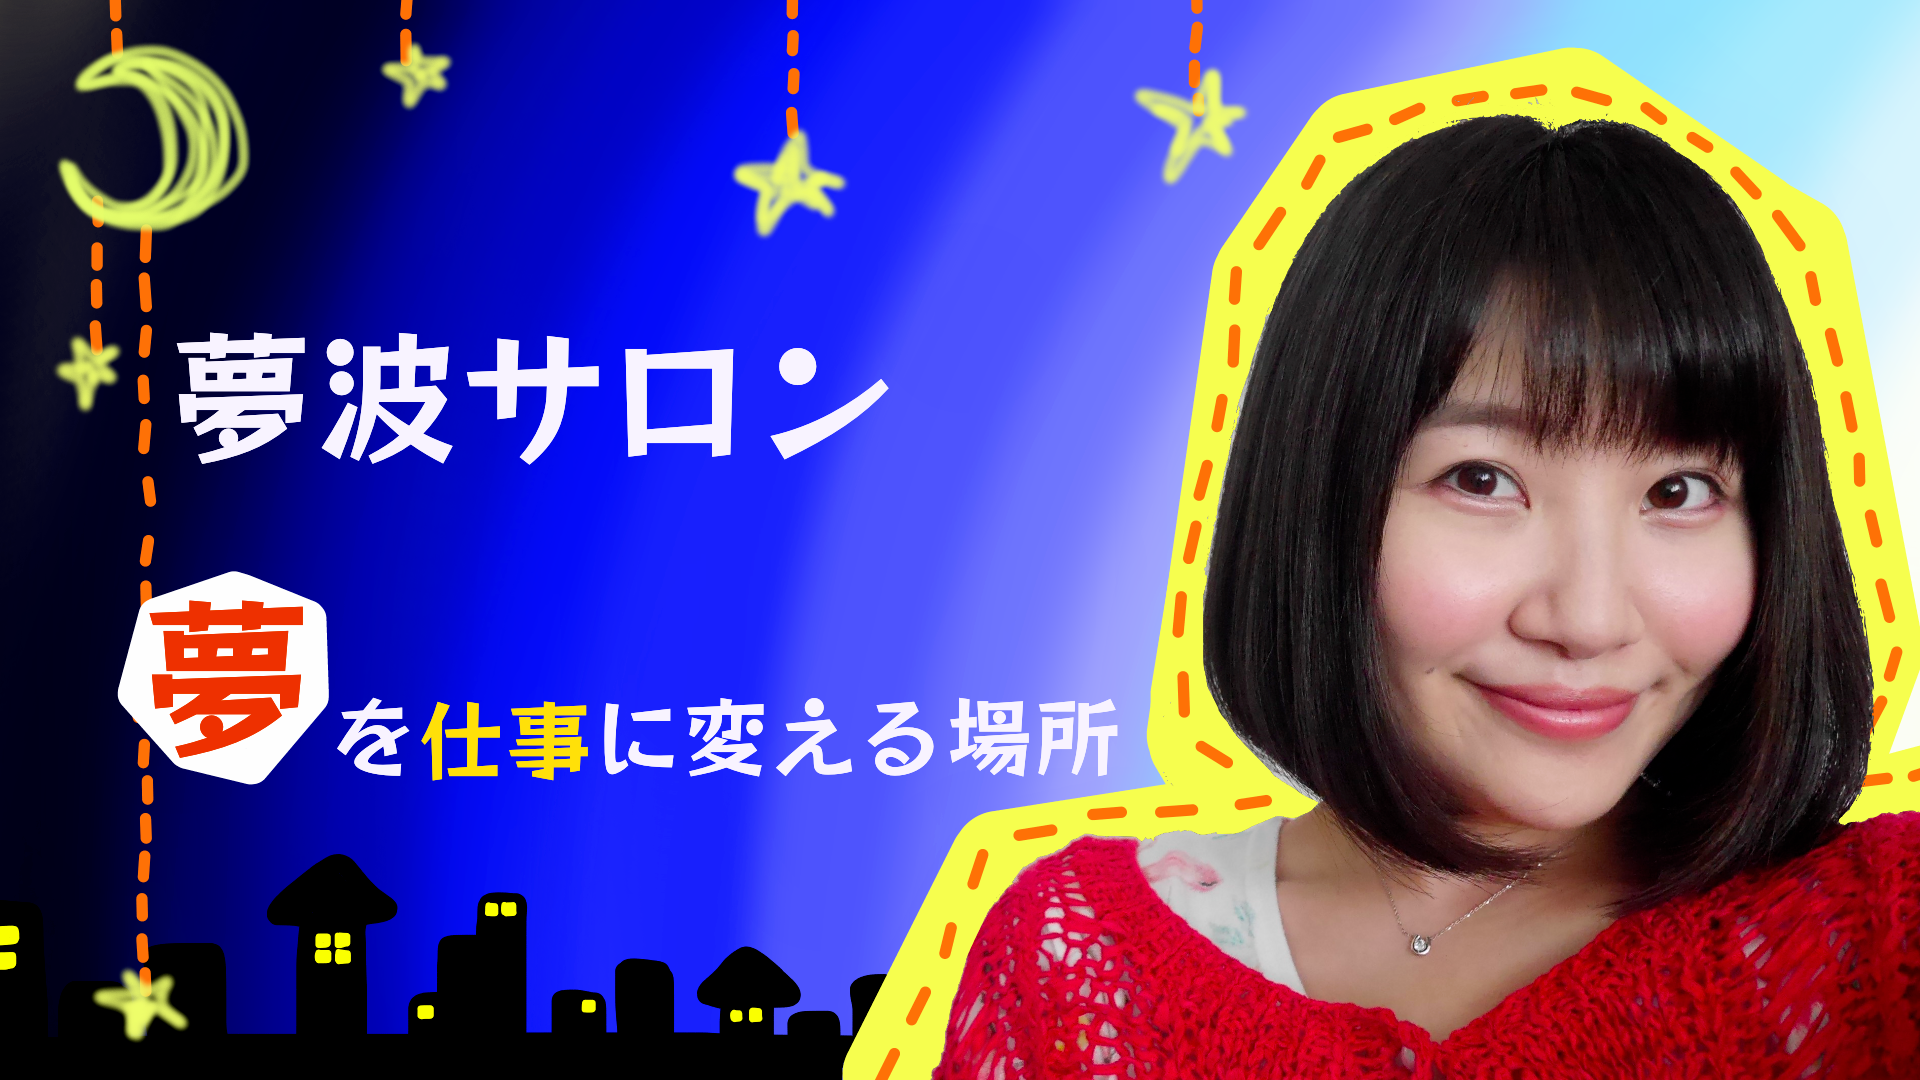 幸田夢波 - 夢波サロン-夢を仕事に変える場所- - DMM オンラインサロン